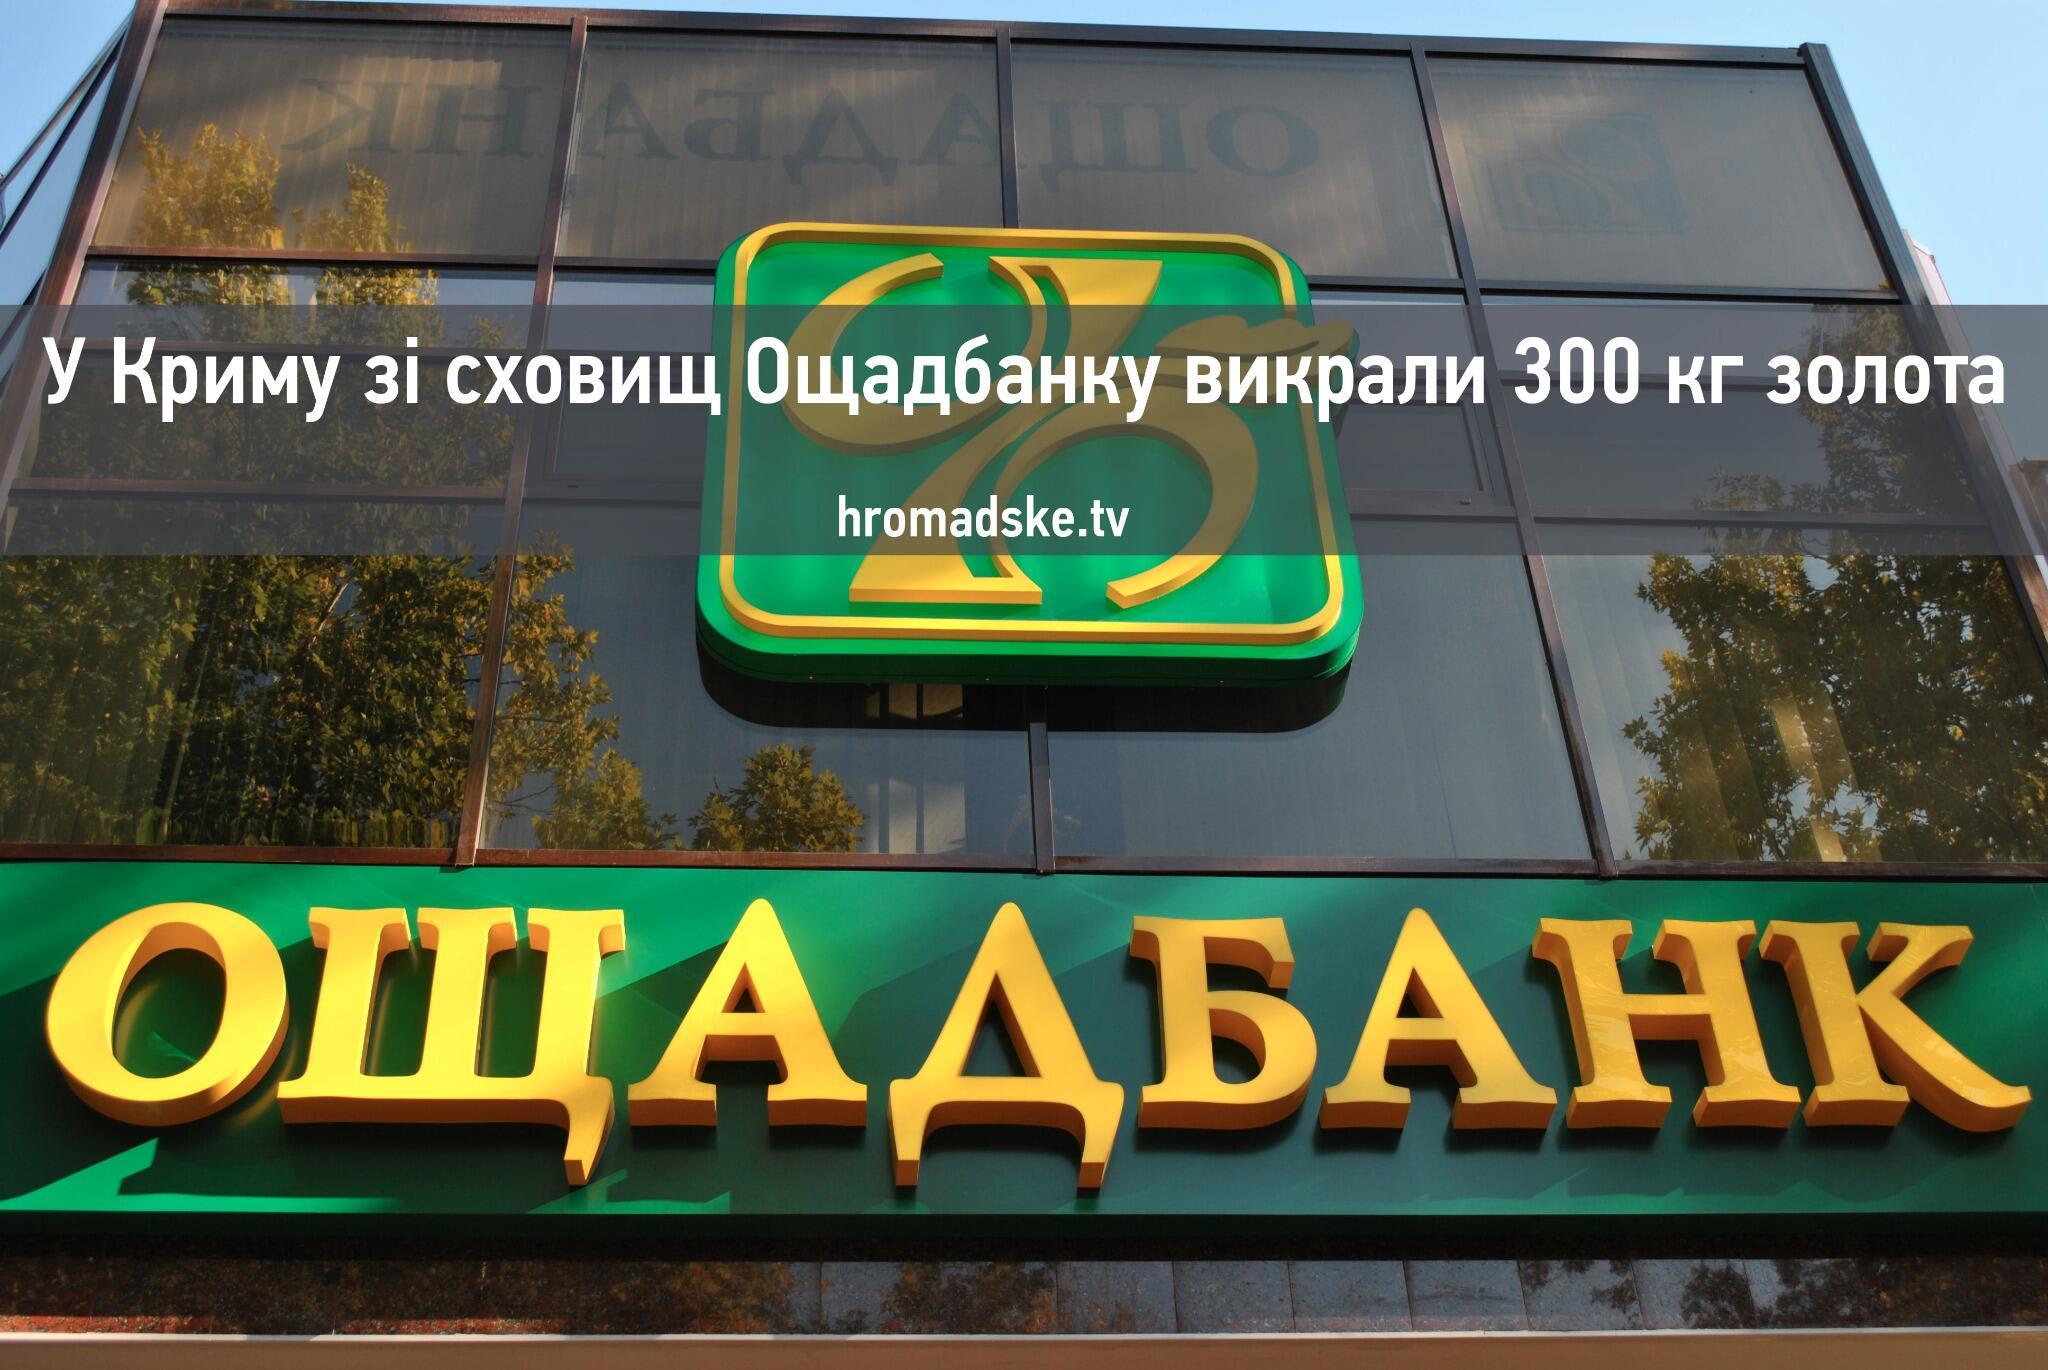 Из-за беспредела бандитов ДНР из Донецка массово уходит бизнес, - мэр города - Цензор.НЕТ 9680